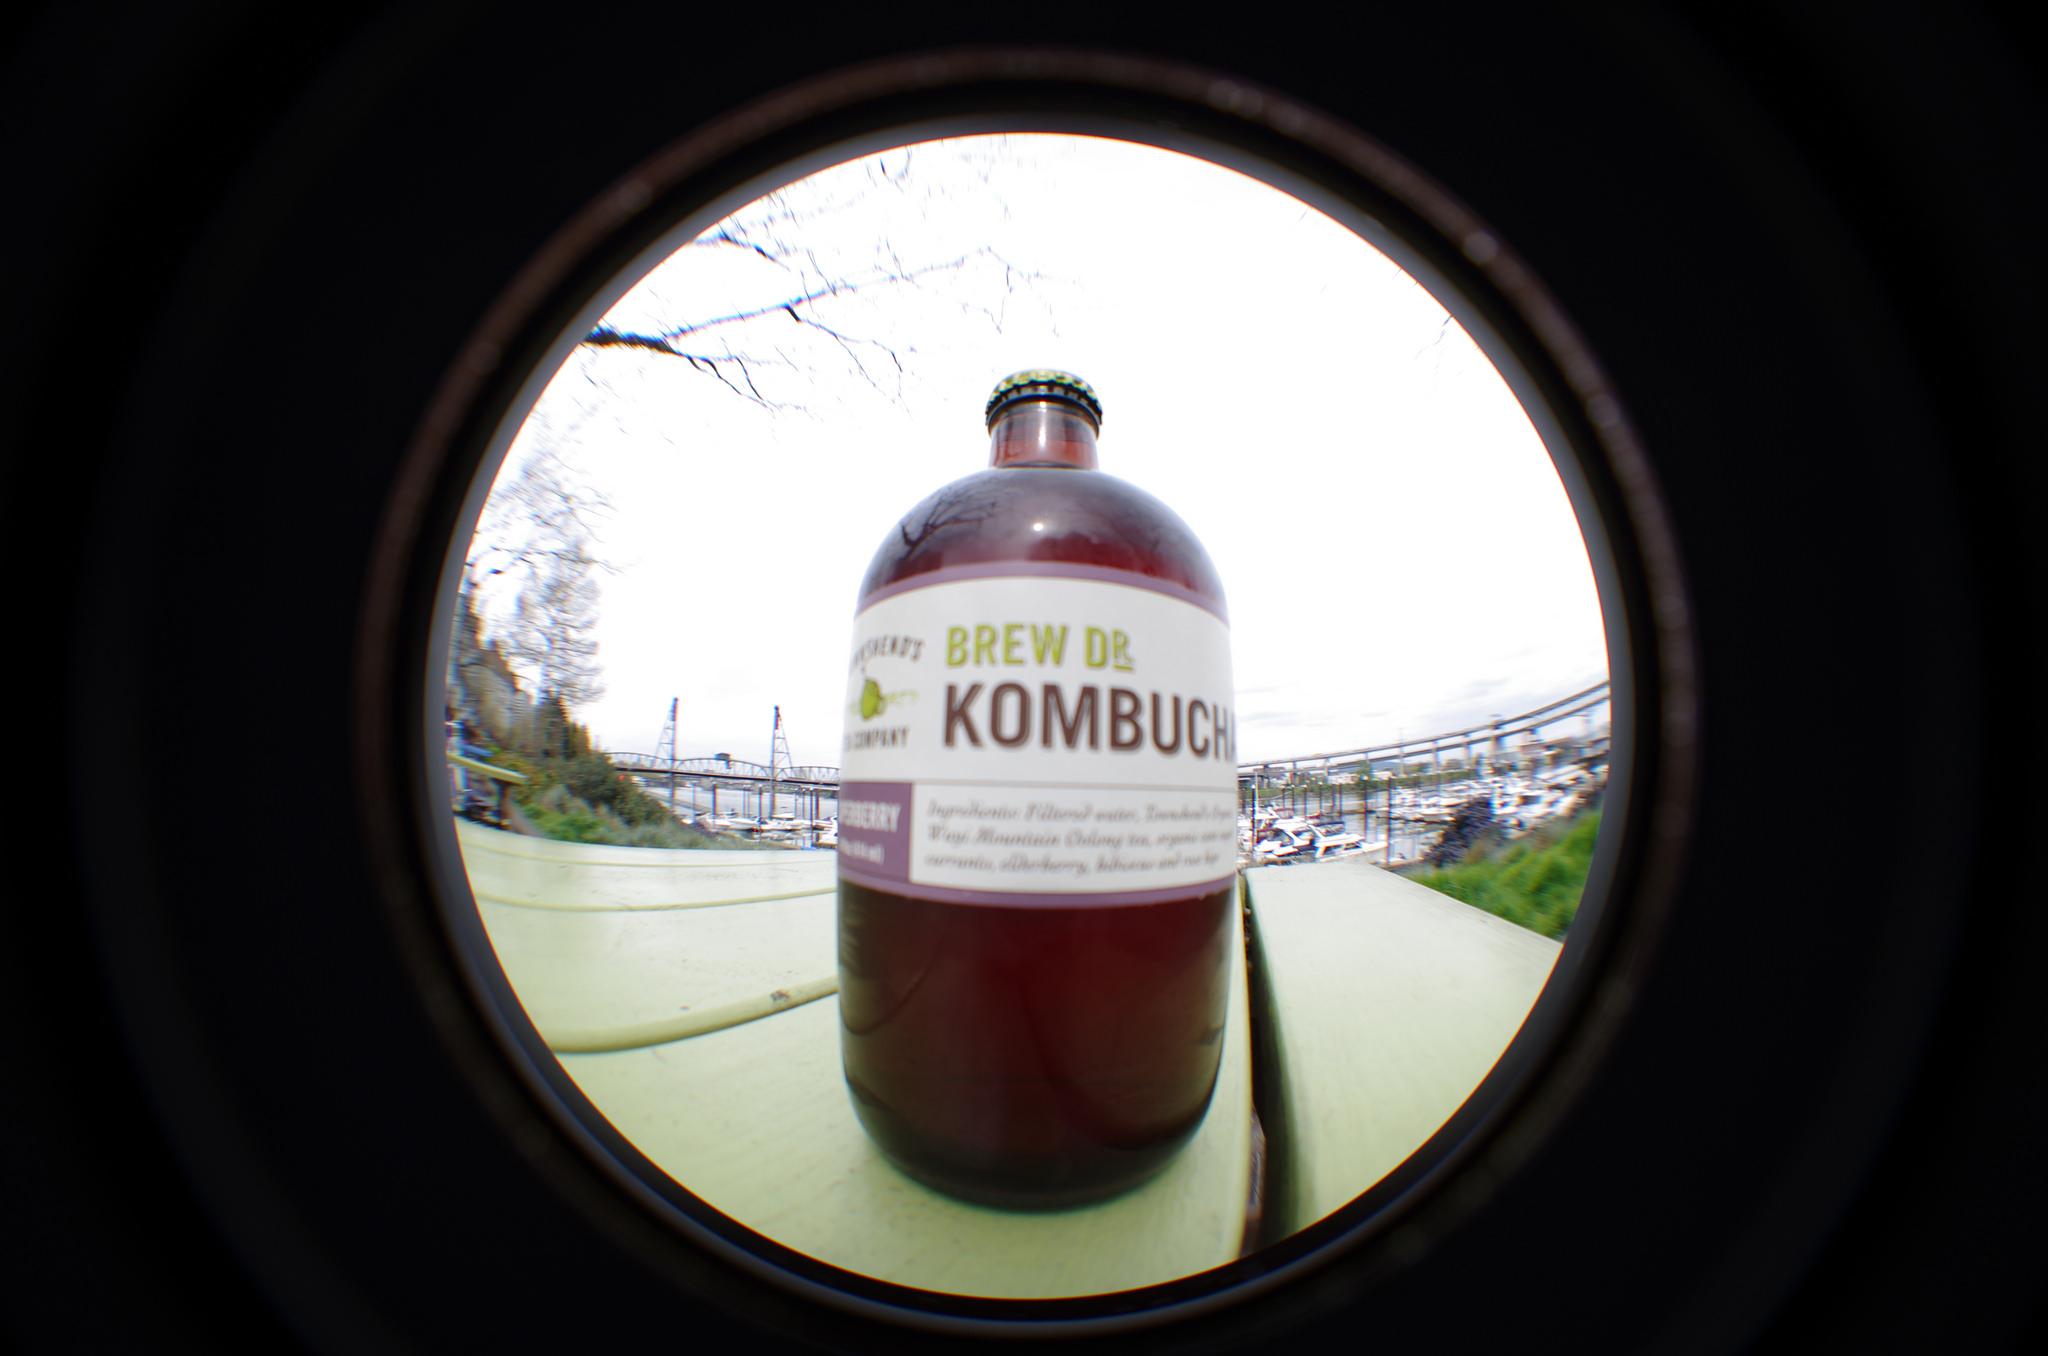 Kombucha. Photo: PROschvin/Flickr CC